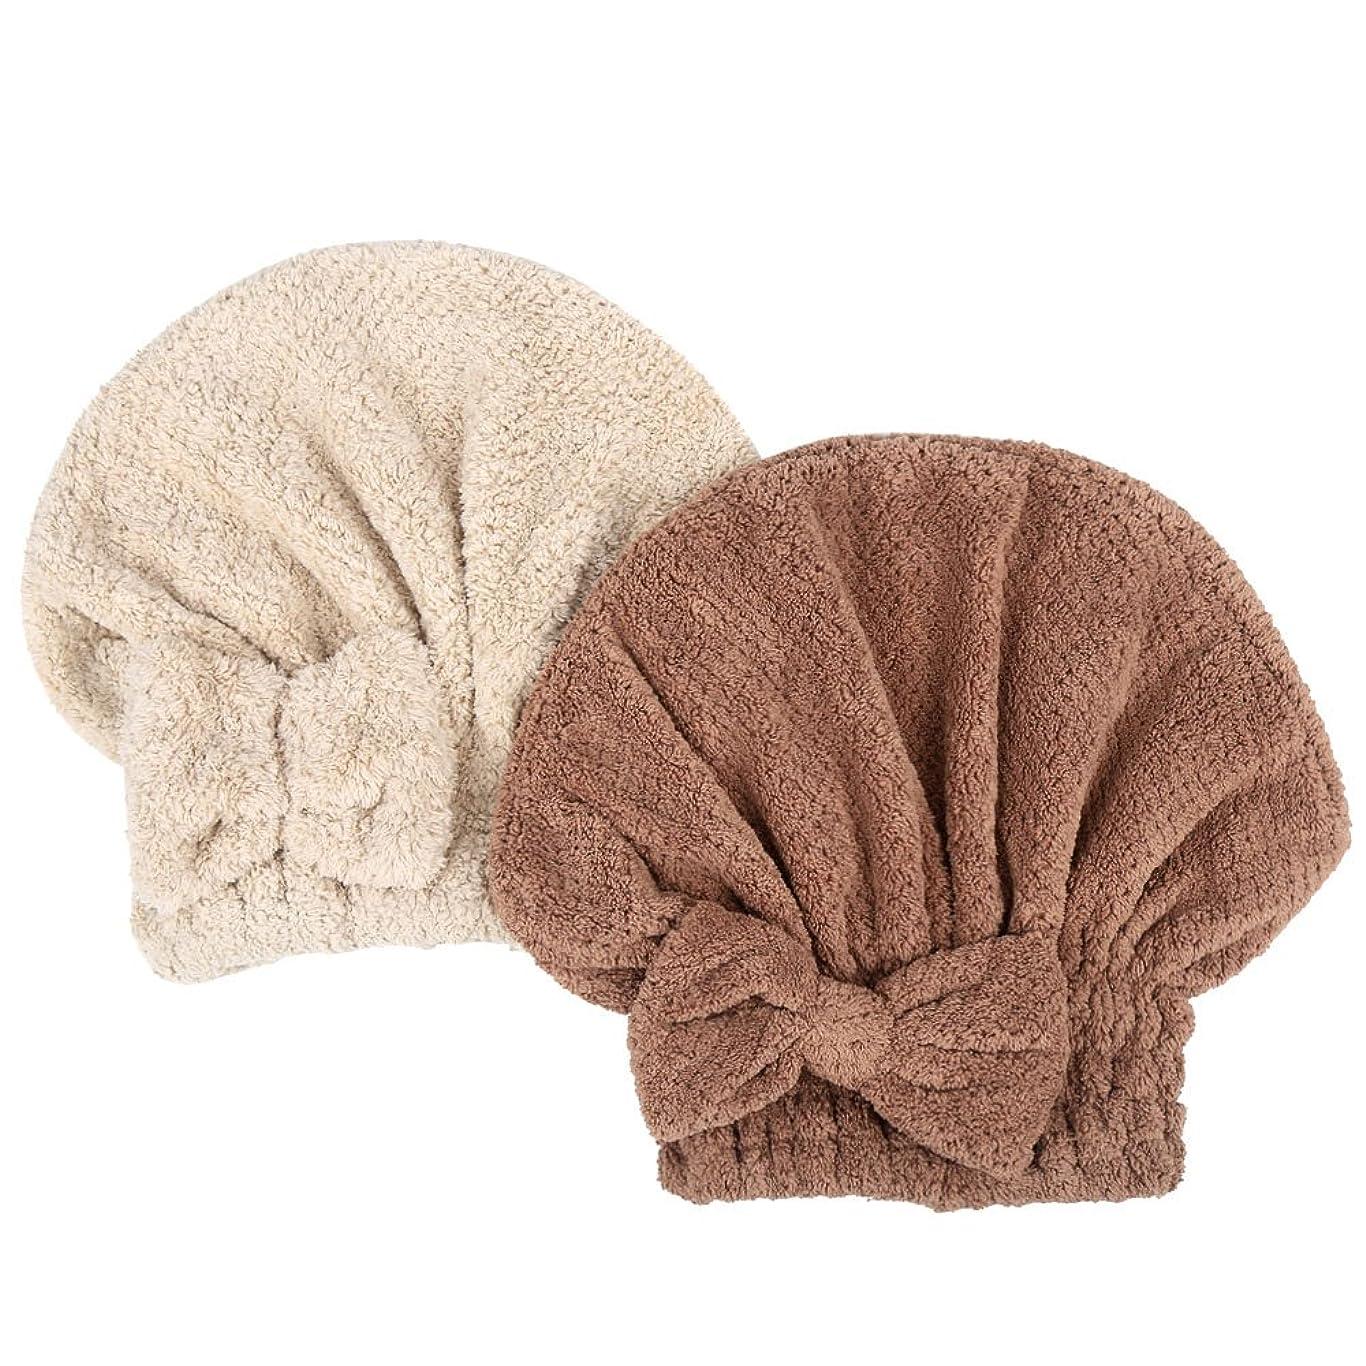 殺人者クアッガグリーンバックKISENG タオルキャップ 2枚セット ヘアドライタオル 短髪の人向き ヘアキャップ 吸水タオル 速乾 ふわふわ お風呂 バス用品 (ベージュ+コーヒー)